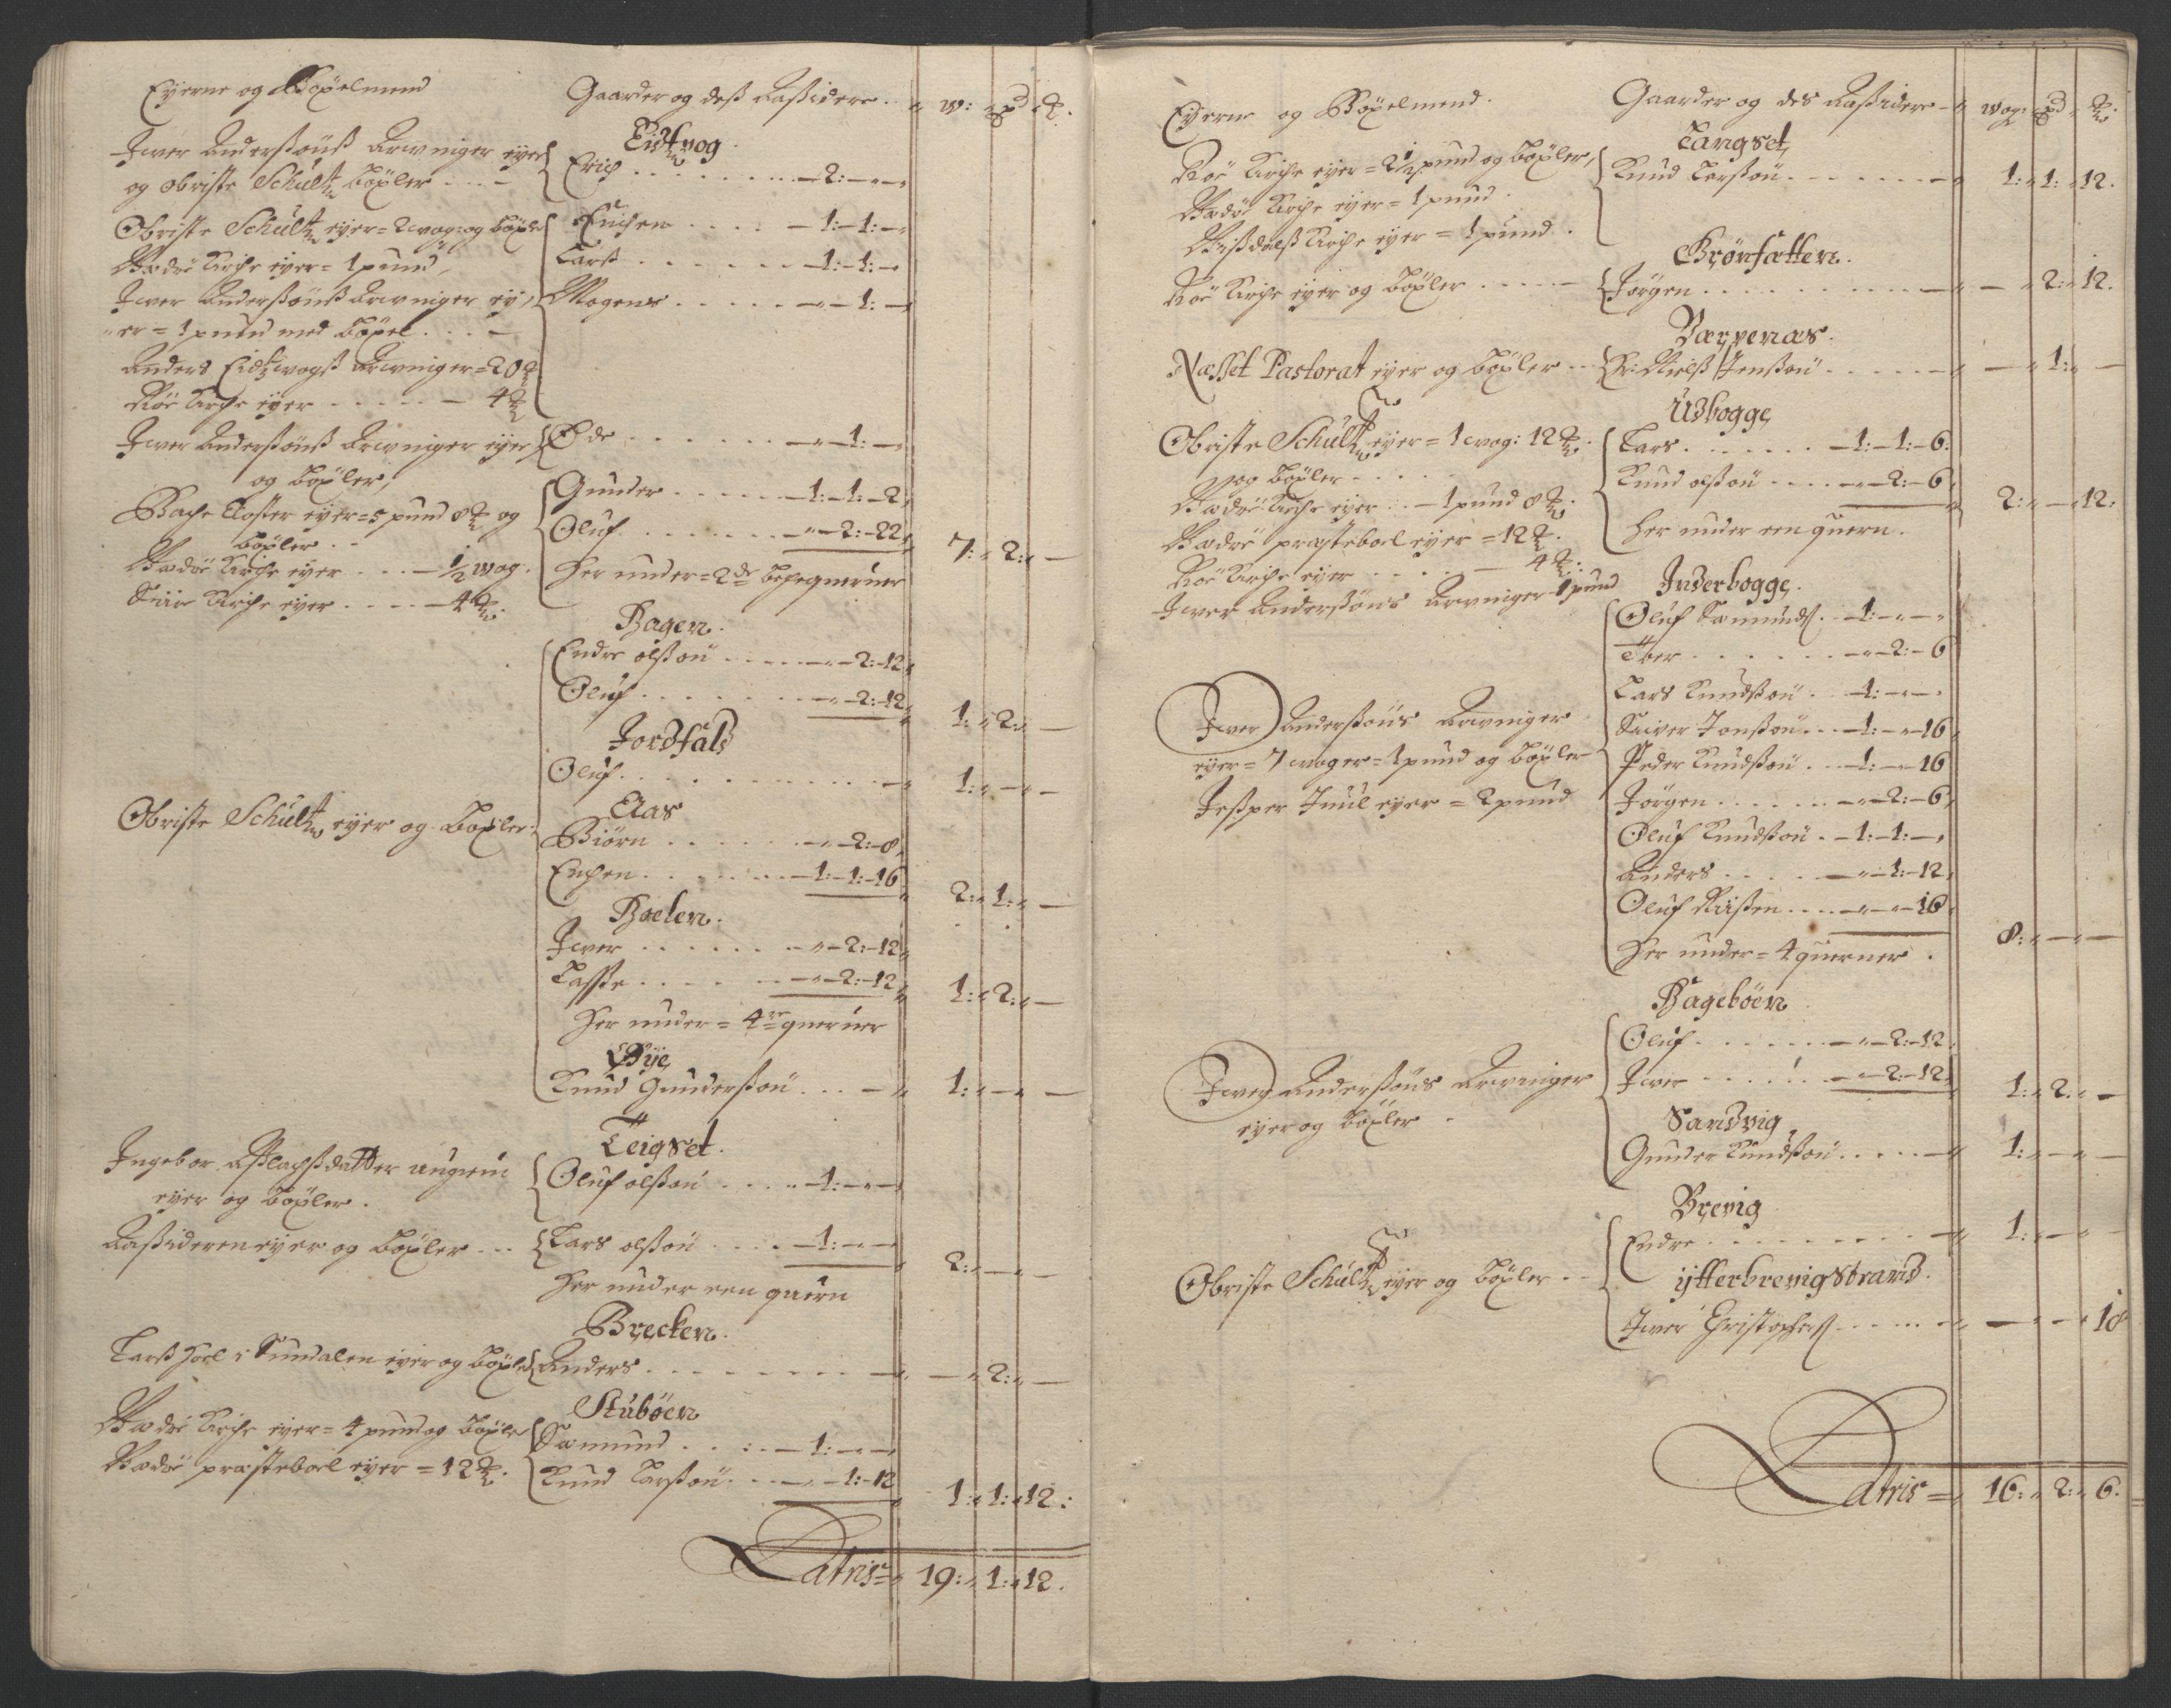 RA, Rentekammeret inntil 1814, Reviderte regnskaper, Fogderegnskap, R55/L3649: Fogderegnskap Romsdal, 1690-1691, p. 209